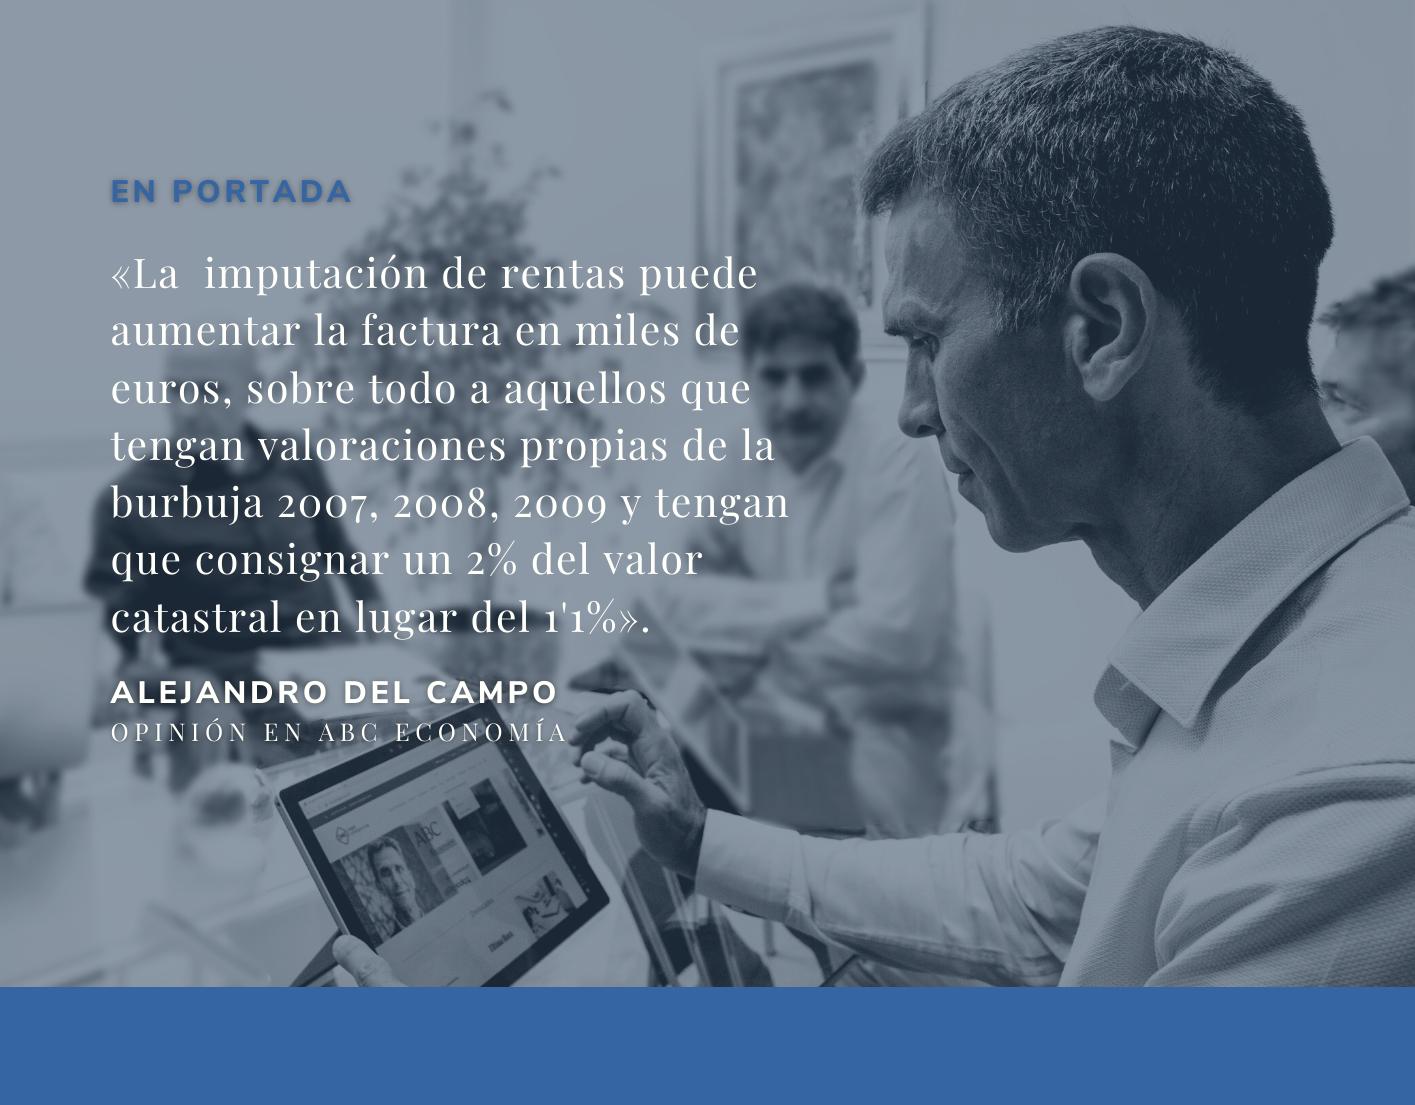 Alejandro del Campo comenta el golpe fiscal a las segundas viviendas sin usar en el confinamiento en ABC Economía.